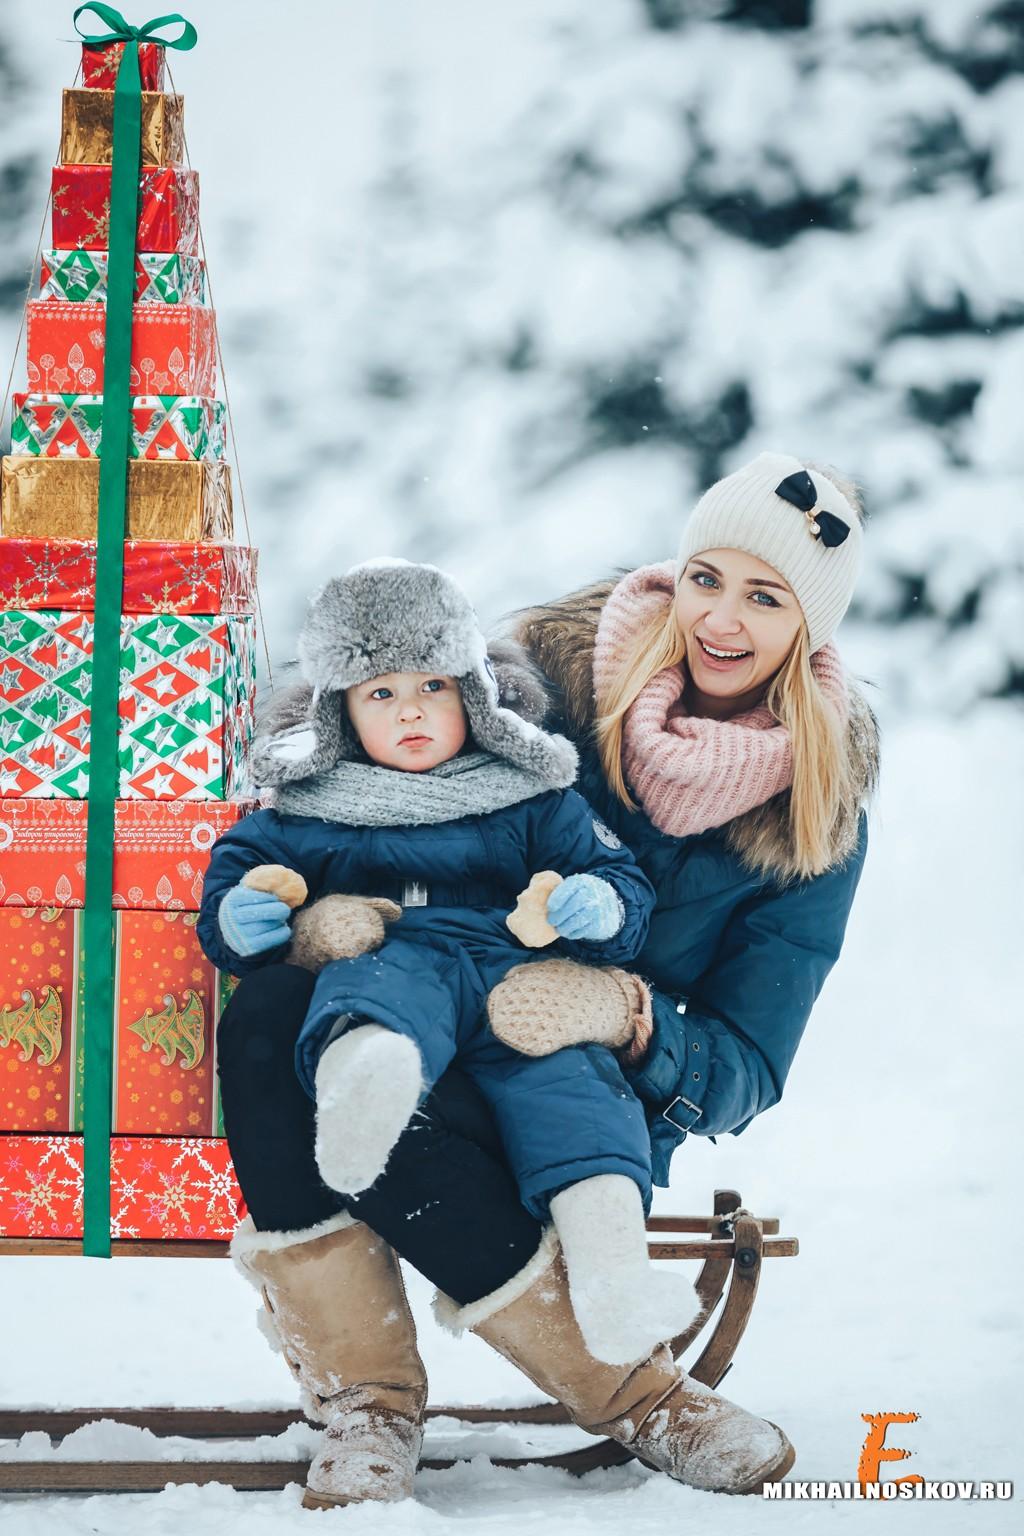 правильная идеи для фотосессии семьей зимой где стоит диван